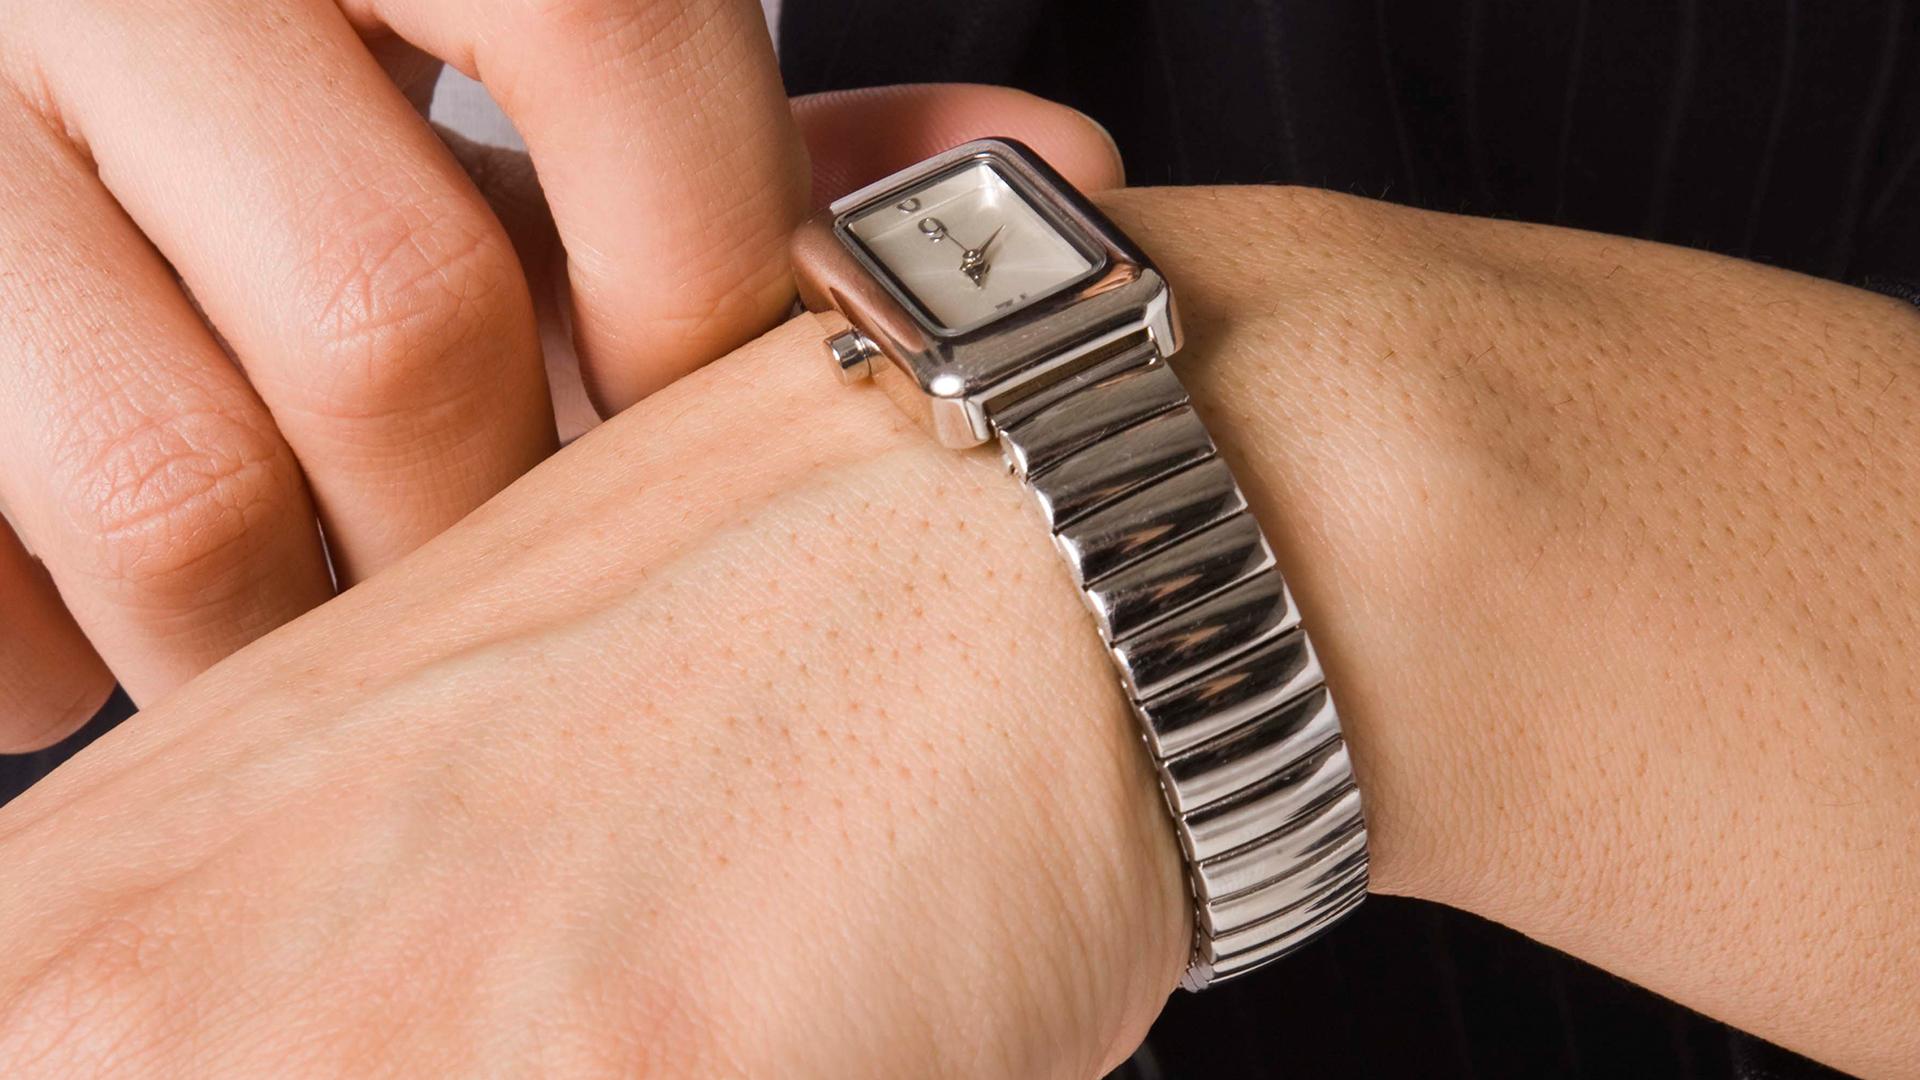 Woman wearing watch | Sheknows.com